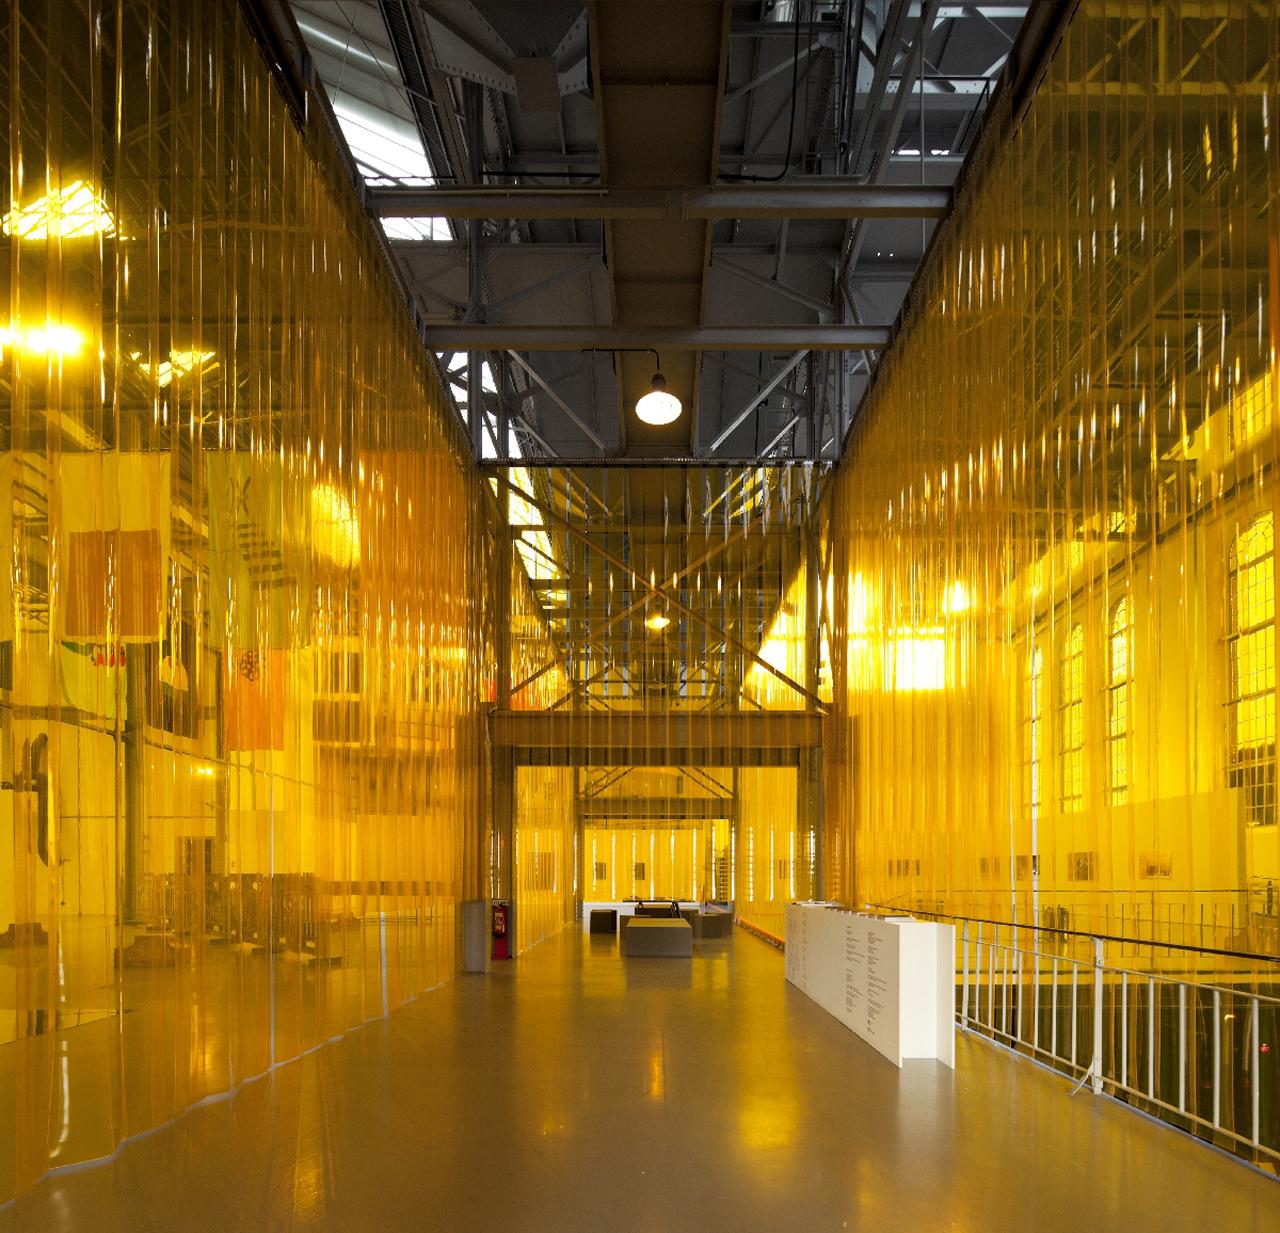 Exposição Prêmio EDP Novos Artistas / Ricardo Carvalho + Joana Vilhena Arquitectos, © FG+SG – Fernando Guerra, Sergio Guerra